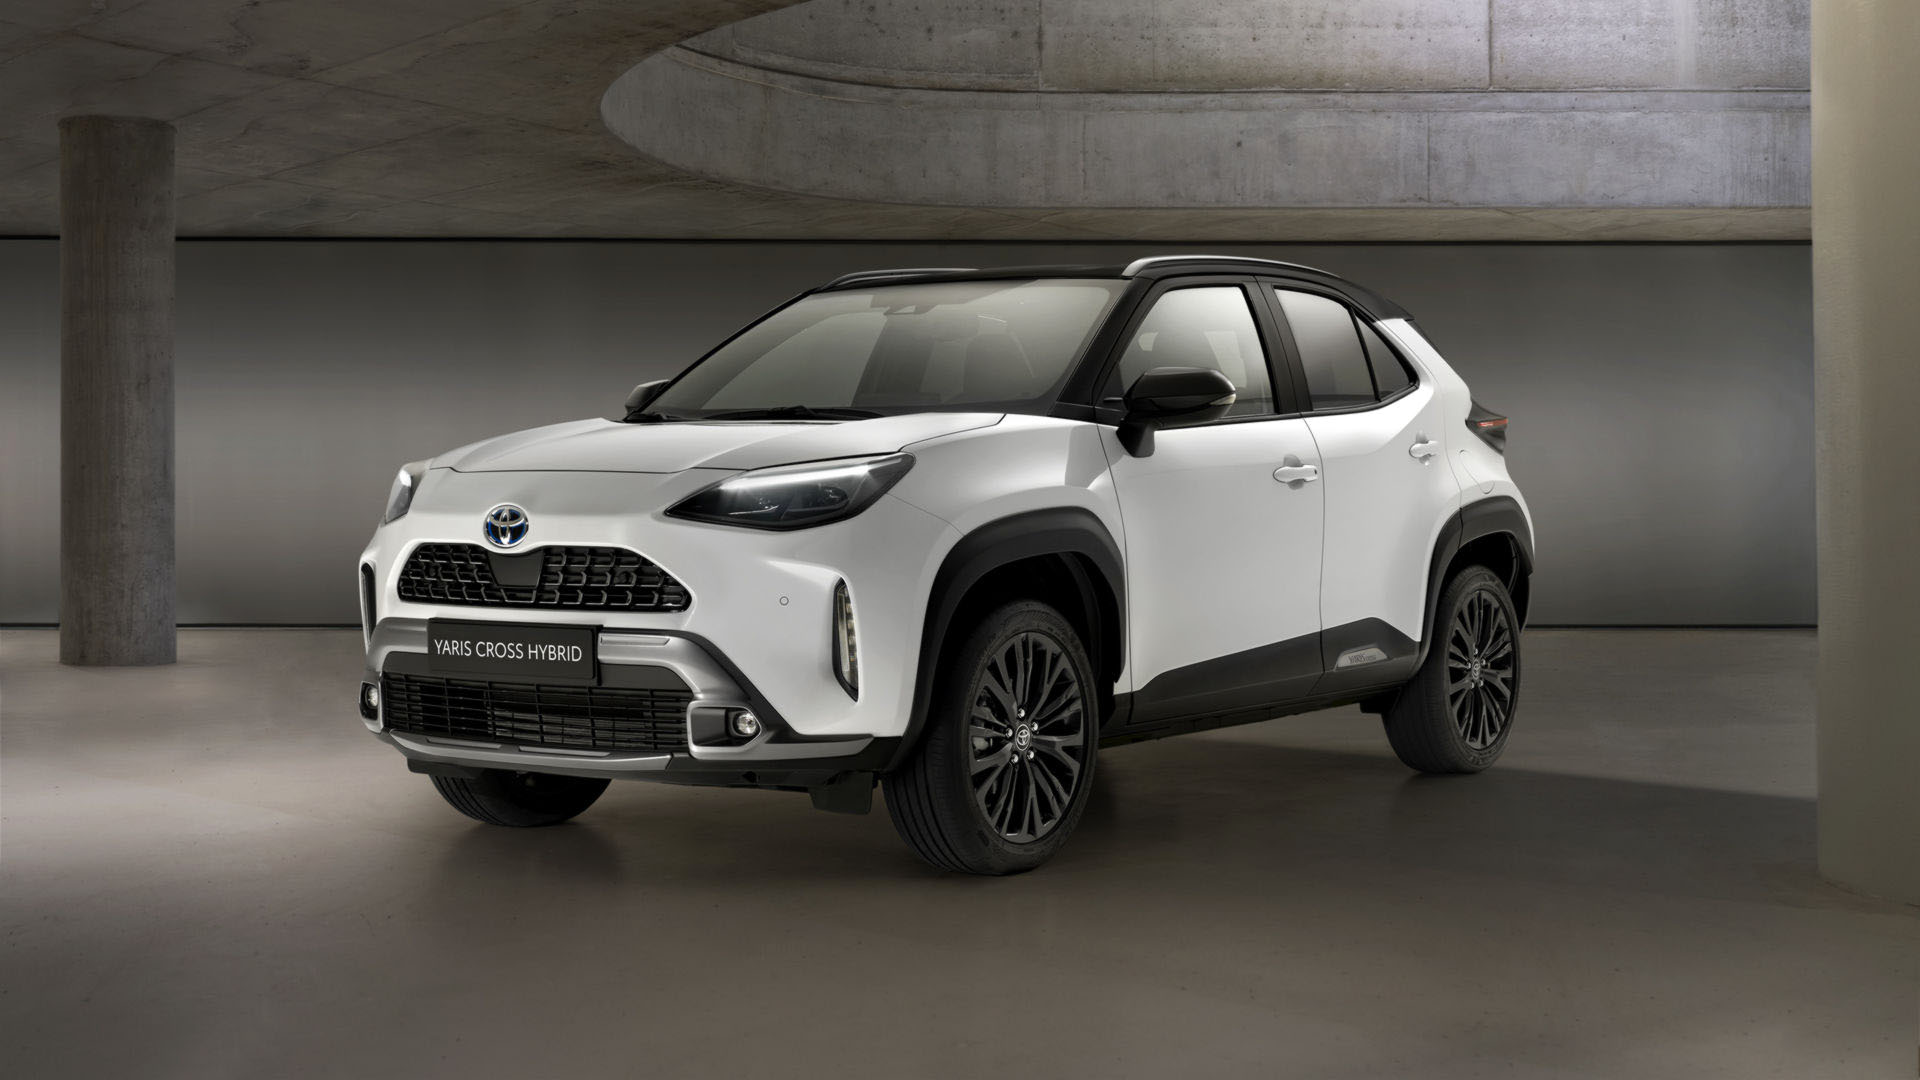 Και έκδοση Adventure για το νέο Toyota Yaris Cross (pics)